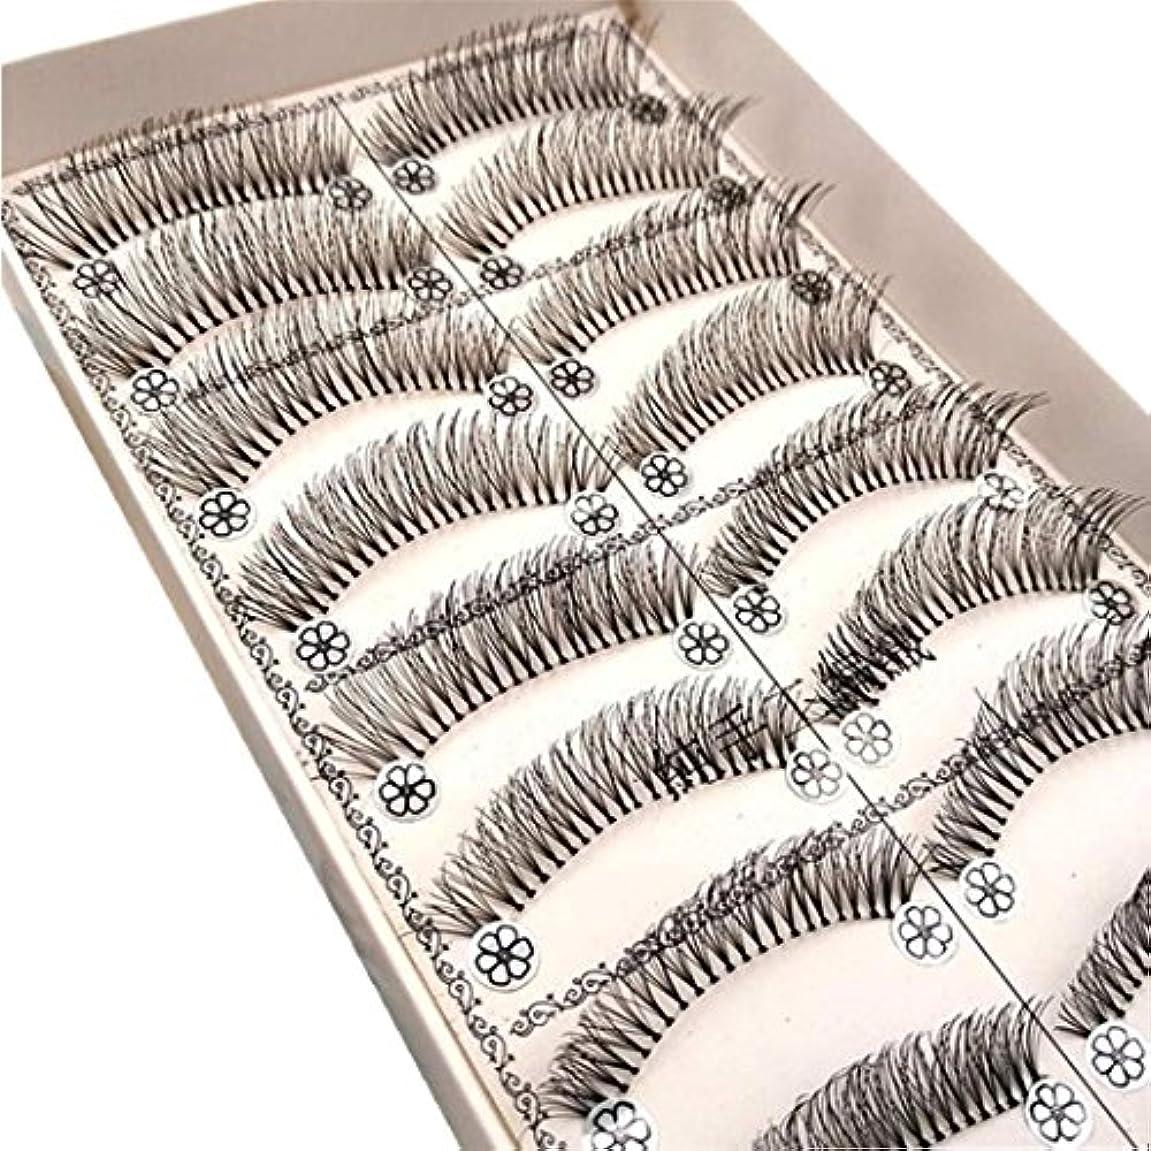 報復品キリマンジャロFeteso 10組 偽のまつげセット つけまつげ 上まつげ Eyelashes アイラッシュ ビューティー まつげエクステ レディース 化粧ツール アイメイクアップ 人気 ナチュラル 飾り 再利用可能 濃密 柔らかい